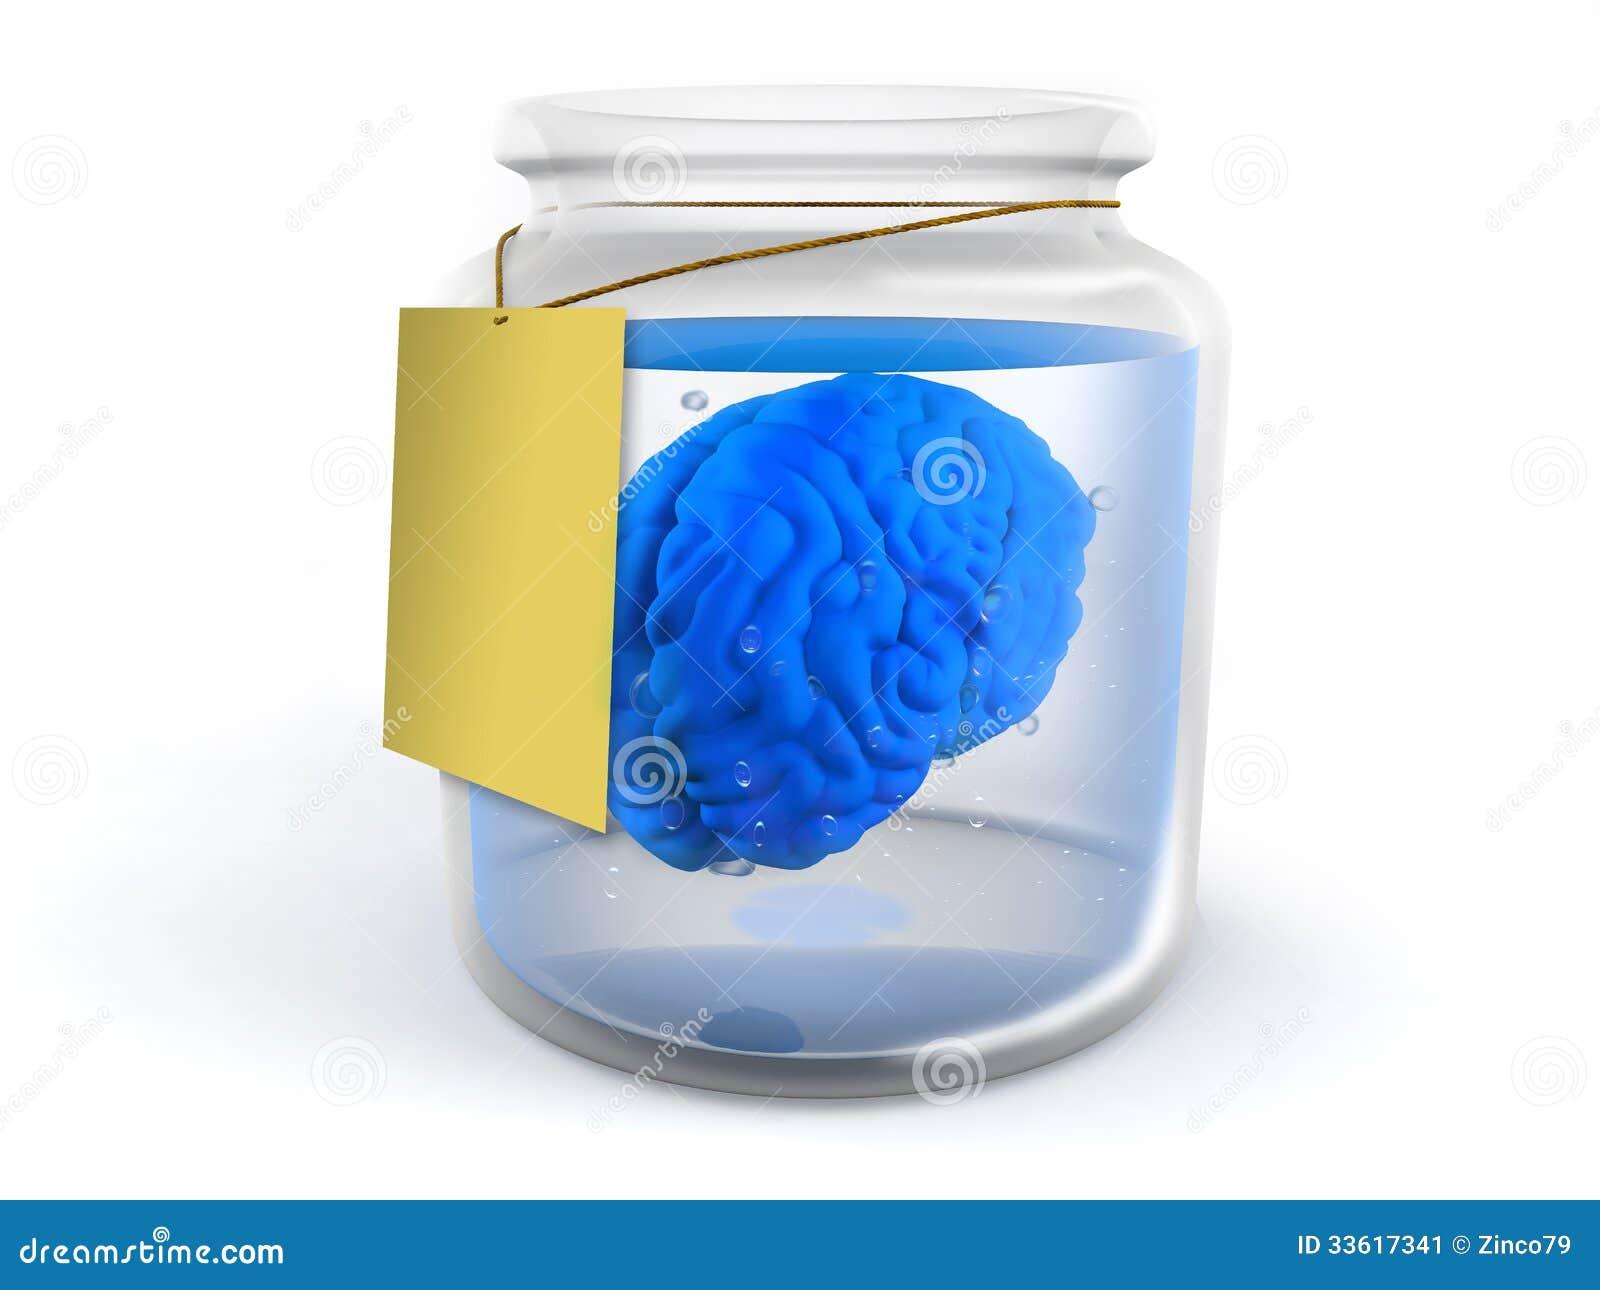 Gehirn im Glas stock abbildung. Illustration von lernen - 33617341